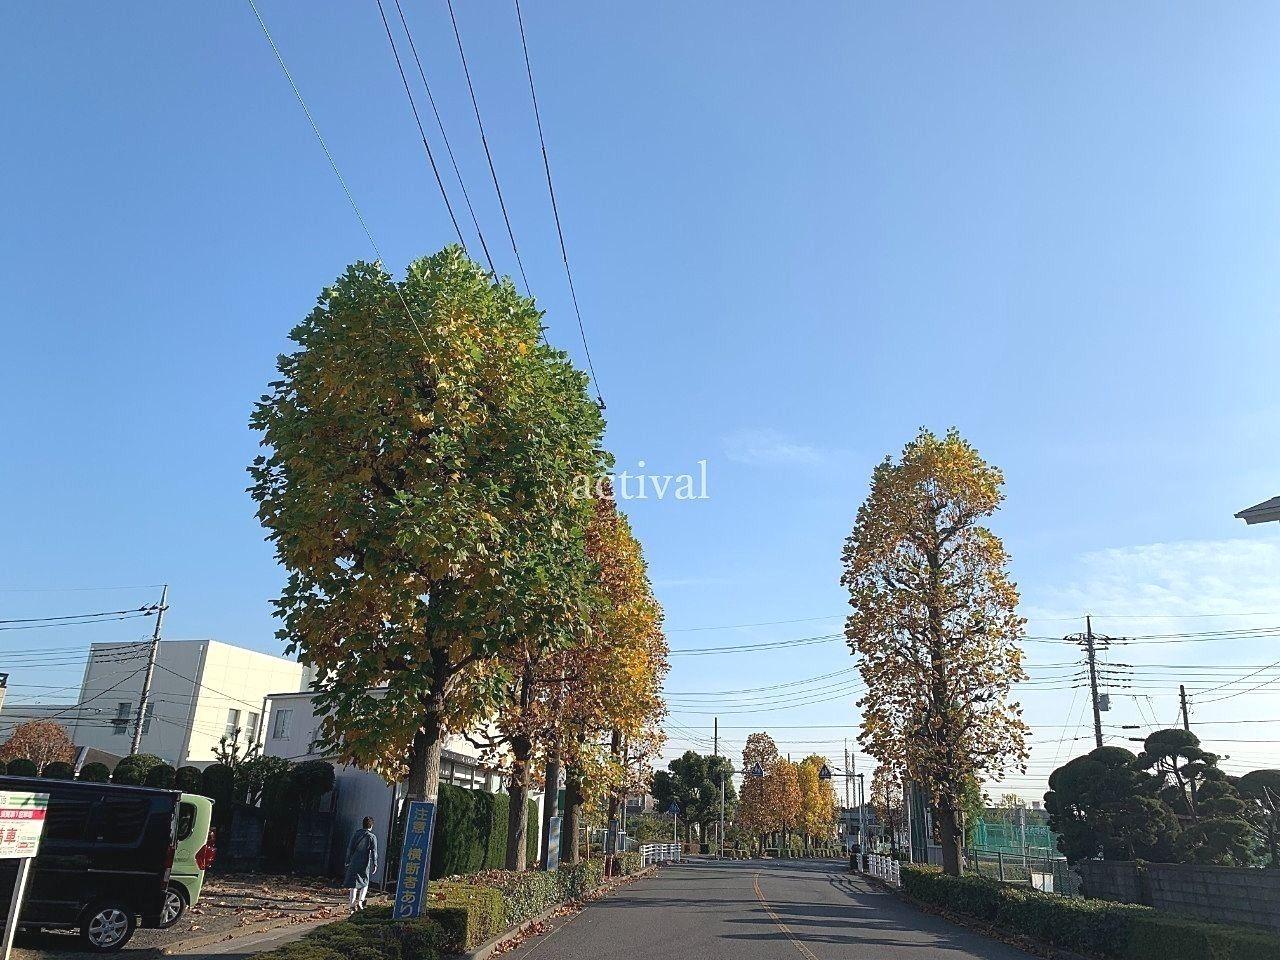 越谷市立富士中学校付近の街路樹です。